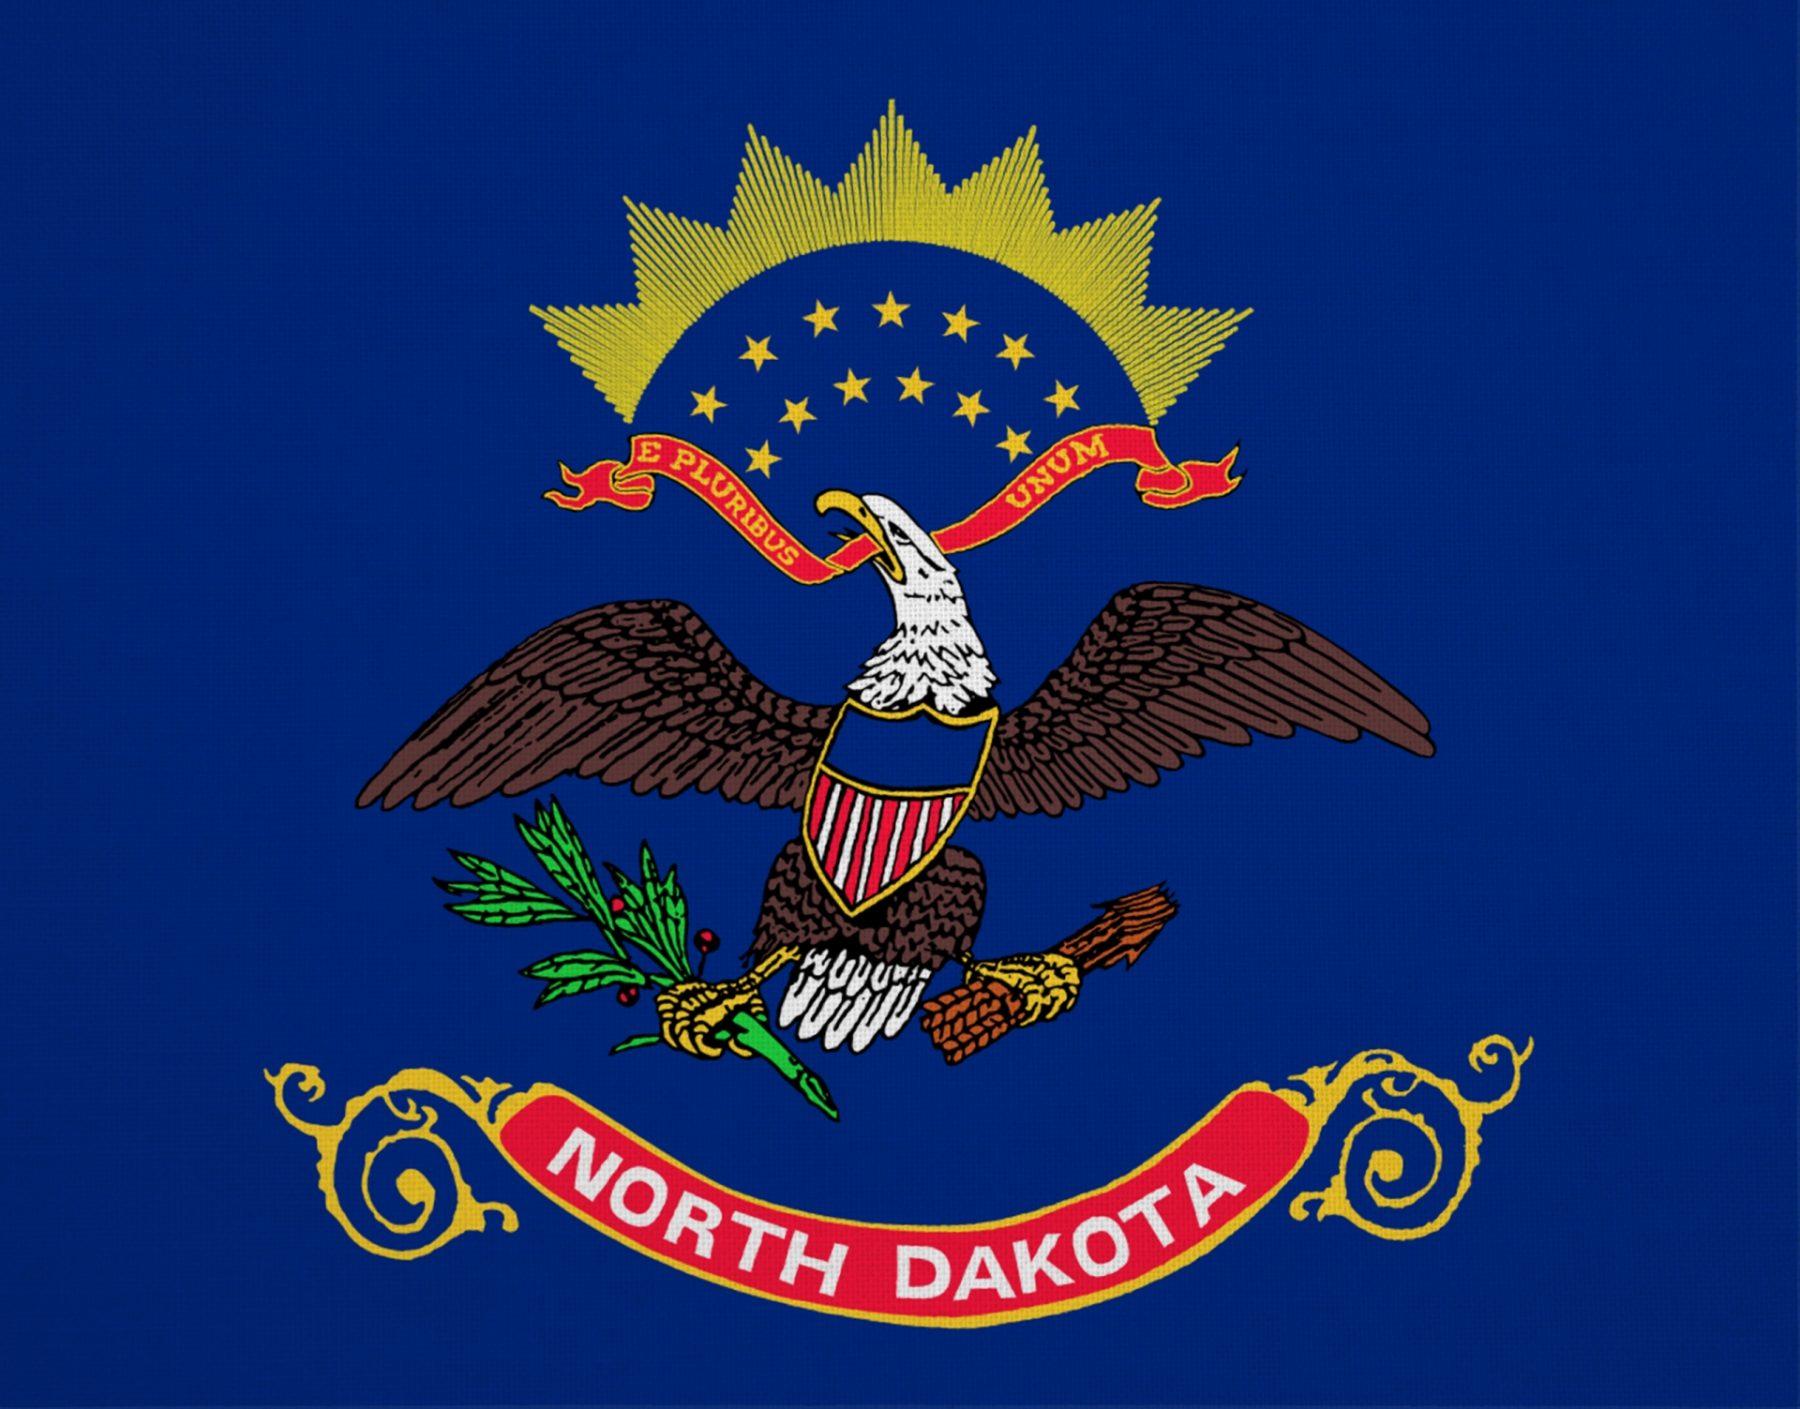 Viaggio nella Real America North Dakota Bandiera